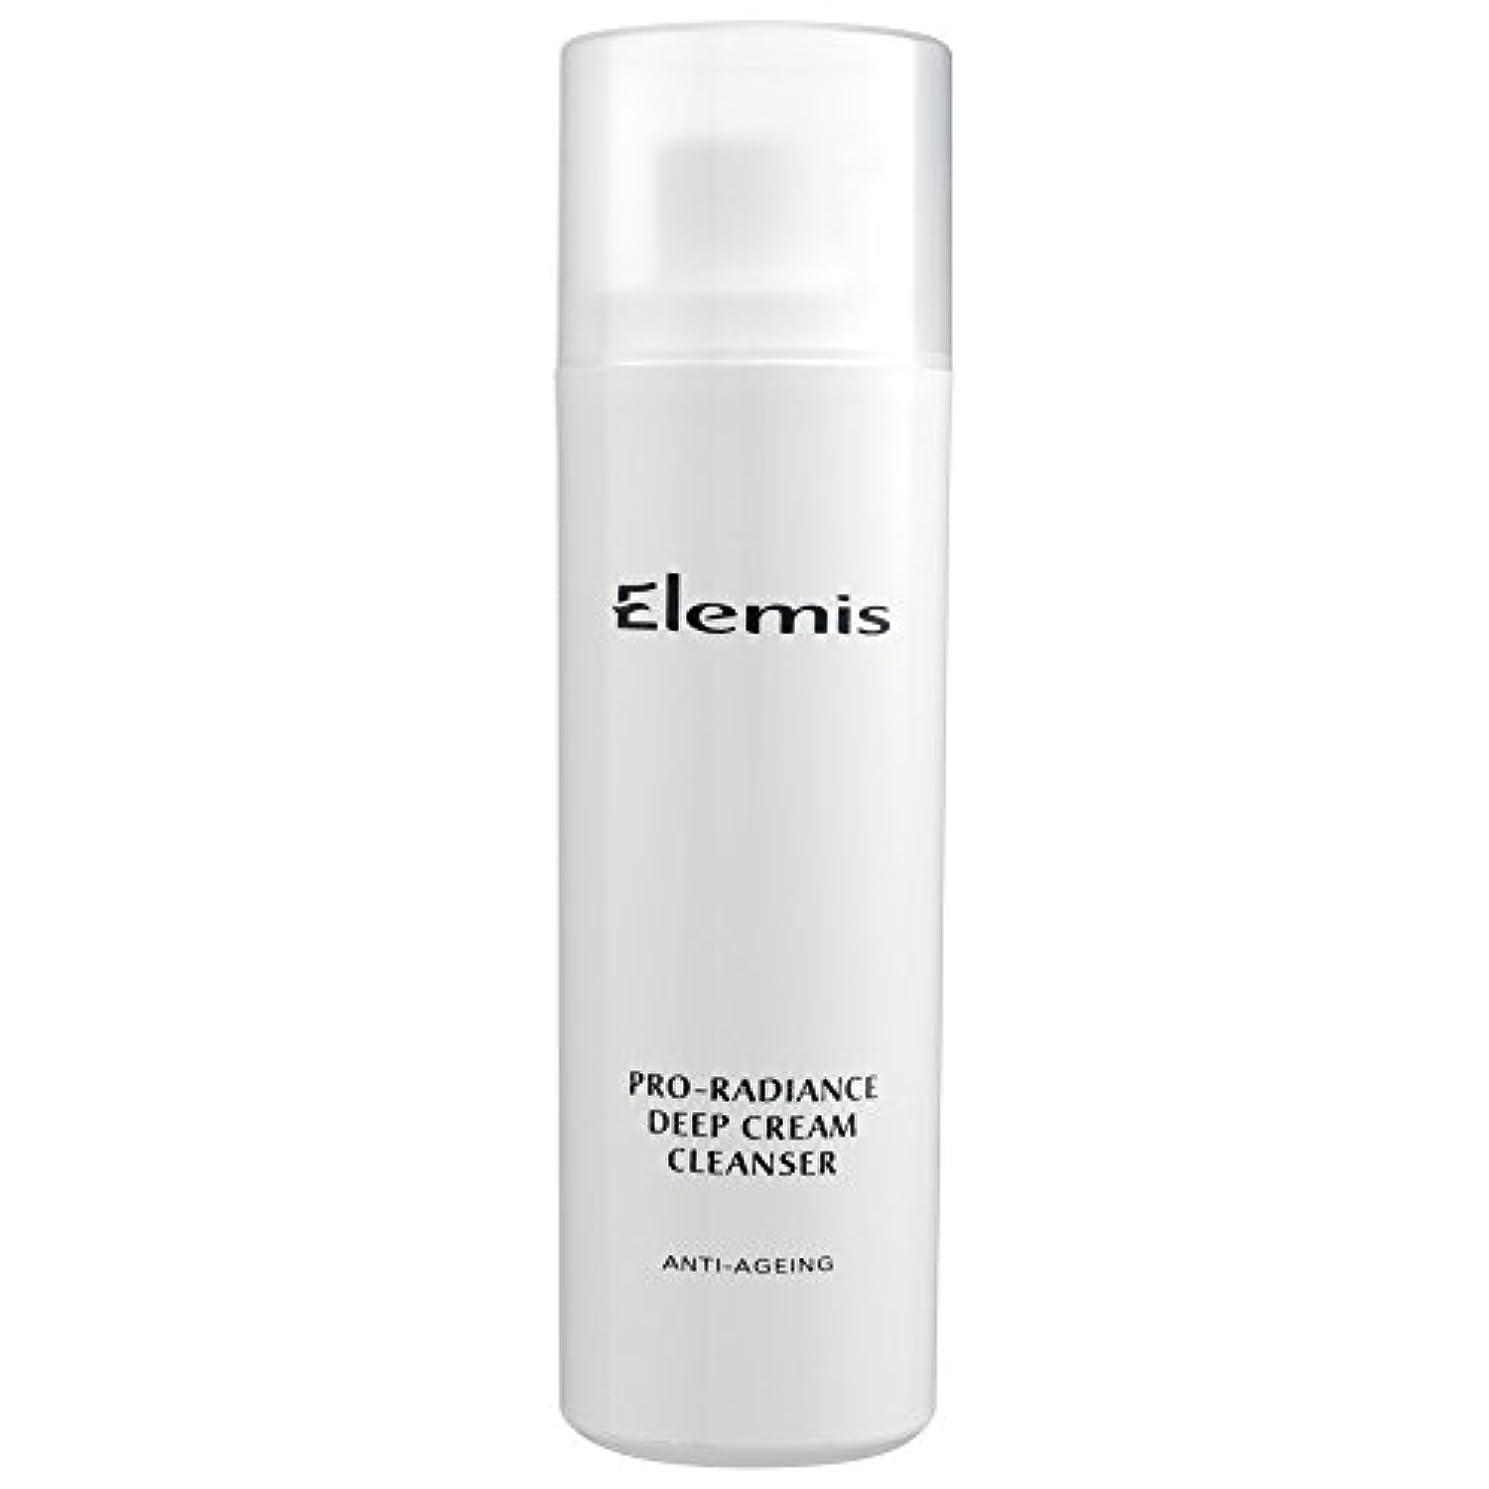 世紀乱雑なセンサーエレミスプロ輝きクリームクレンザー、150ミリリットル (Elemis) (x6) - Elemis Pro-Radiance Cream Cleanser, 150ml (Pack of 6) [並行輸入品]